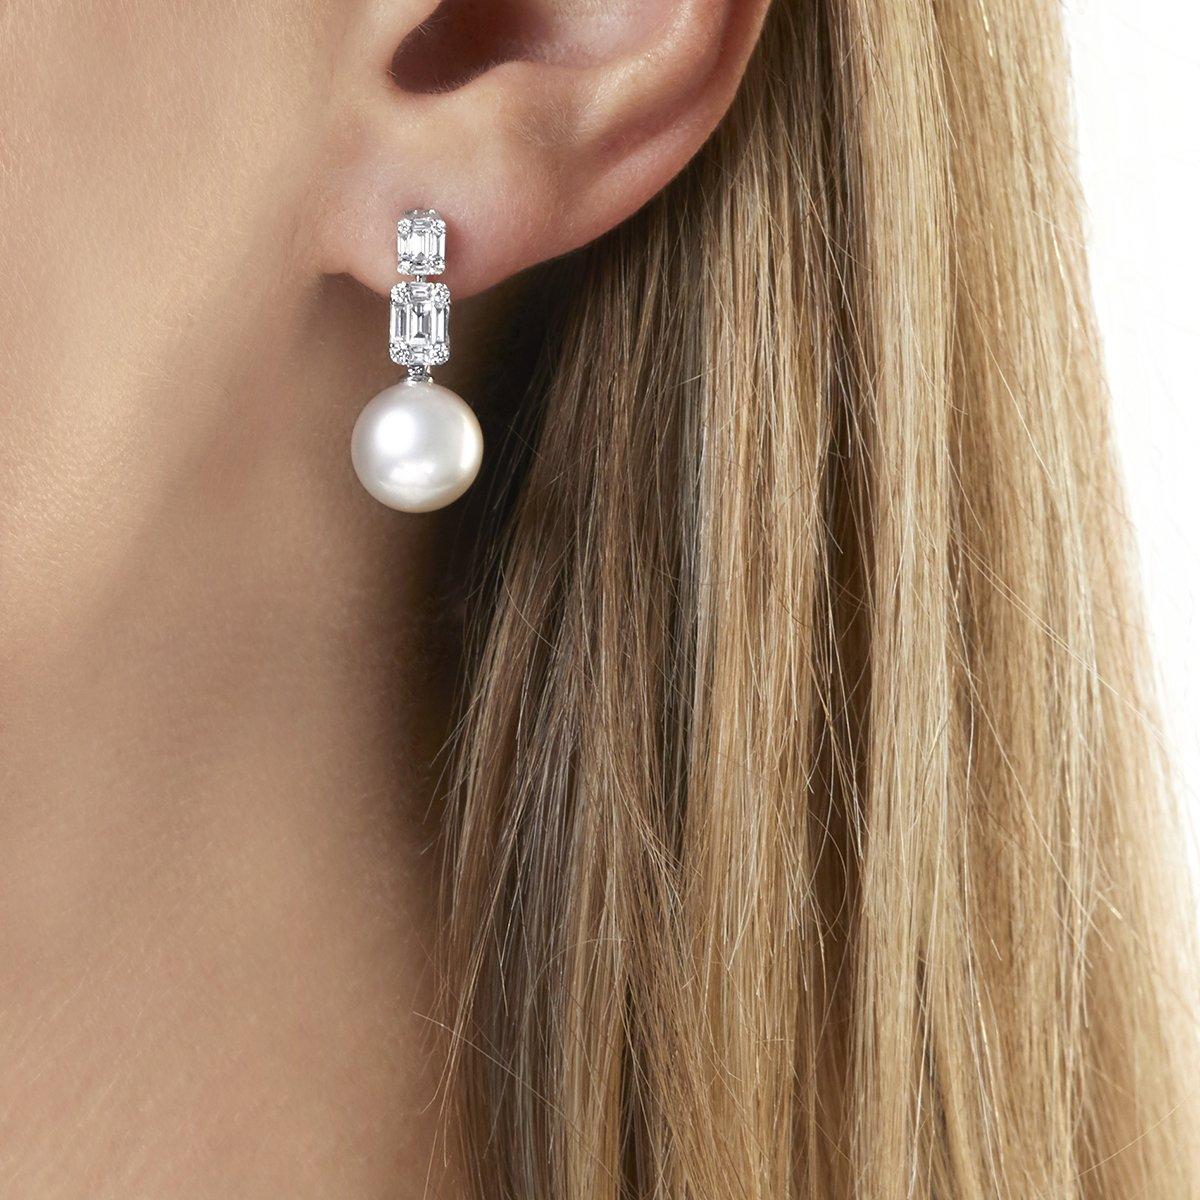 Yoko London Starlight Earrings